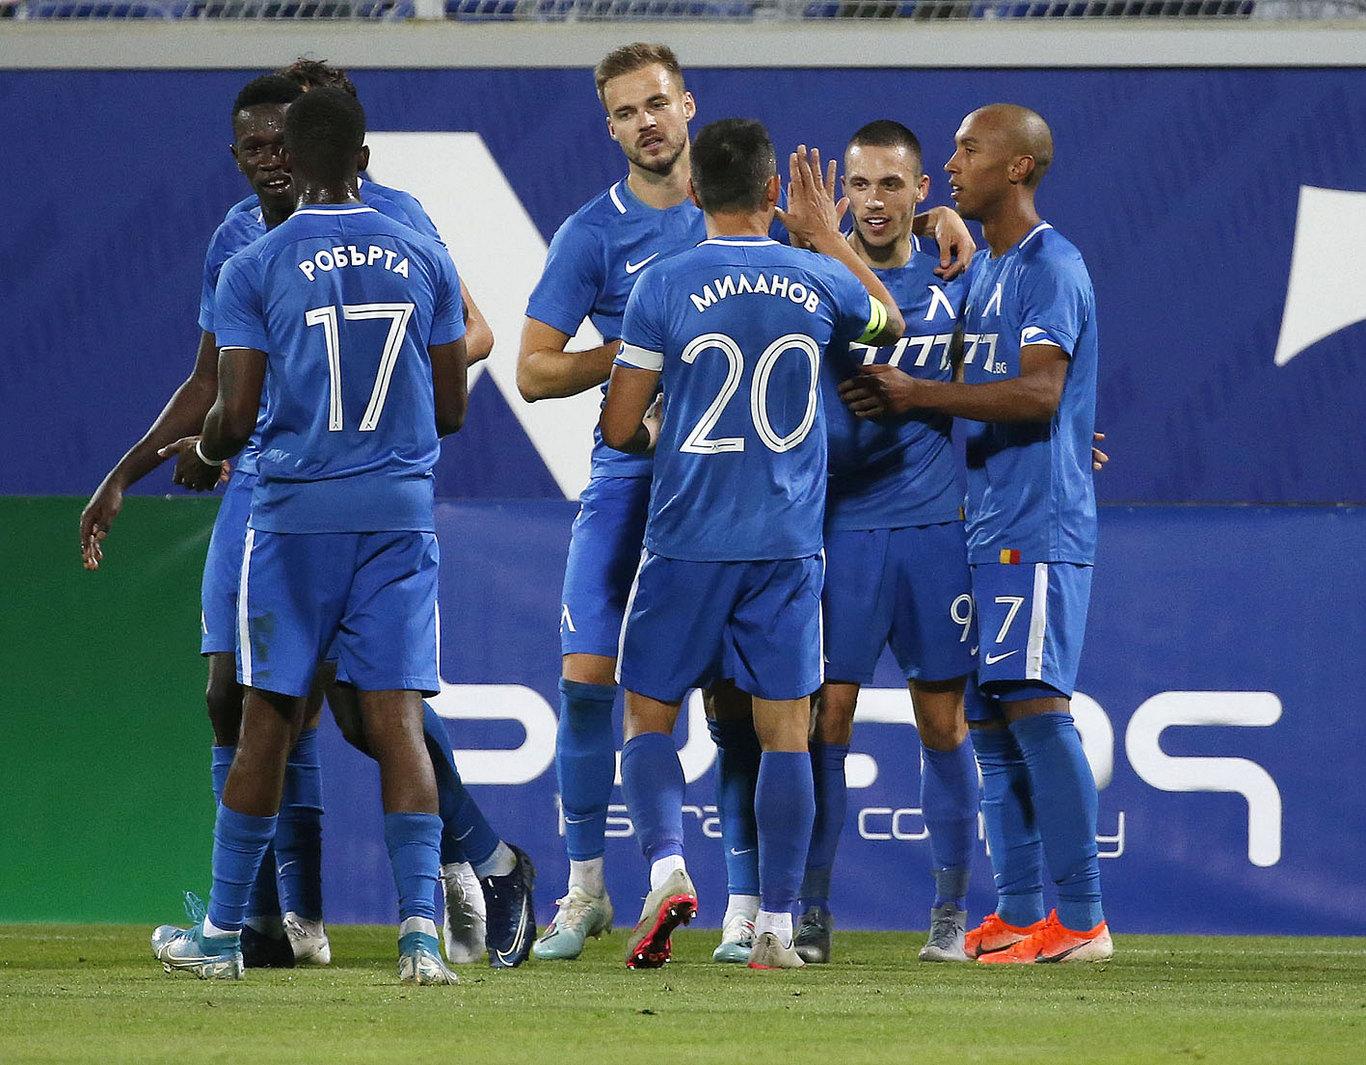 Левски обърна Пюник в атрактивен мач с 5 гола! Спиерингс дебютира с гол (ВИДЕО)   KotaSport